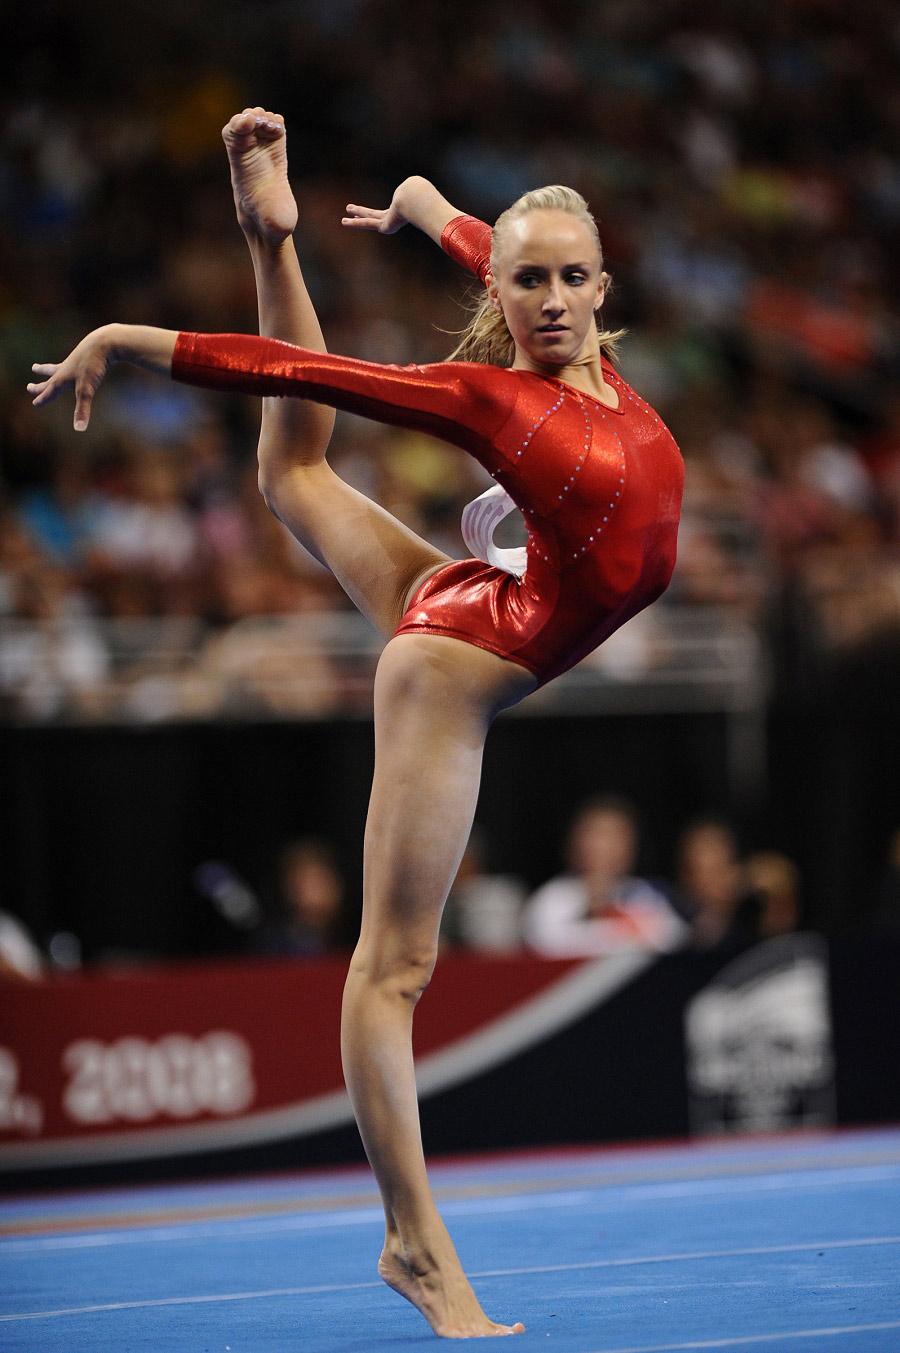 Фото гимнастки богинской 12 фотография